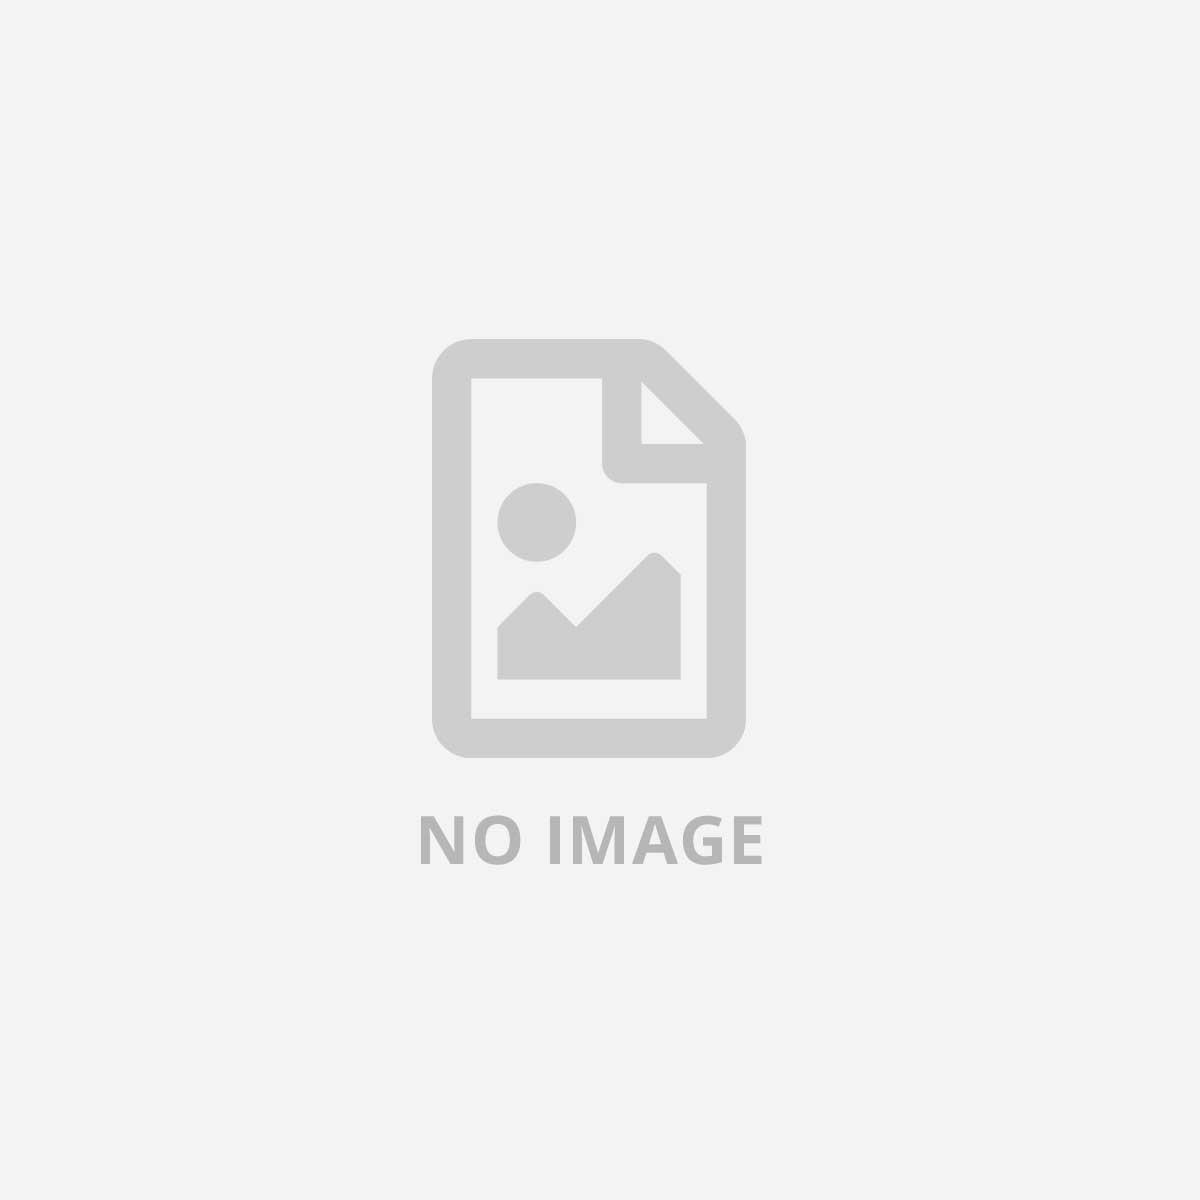 DELL T140 / E-2224 / 8GB / 1TBHDD /